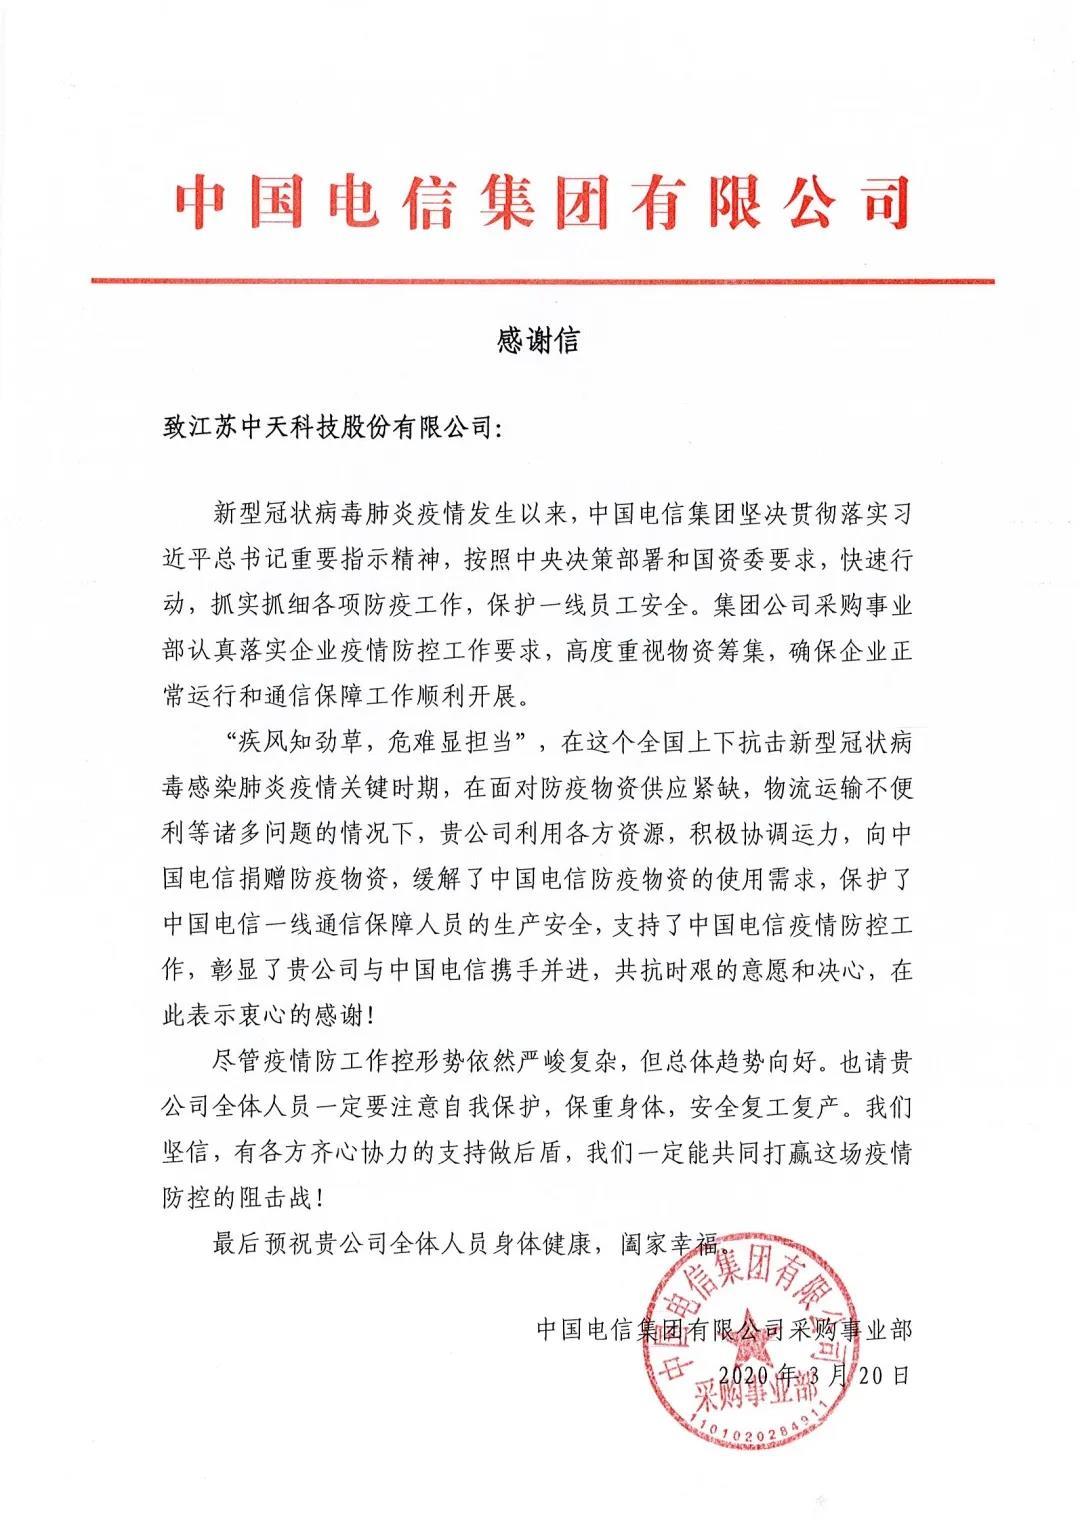 客户有所急,中天必有应!中天科技收到中国电信的感谢信